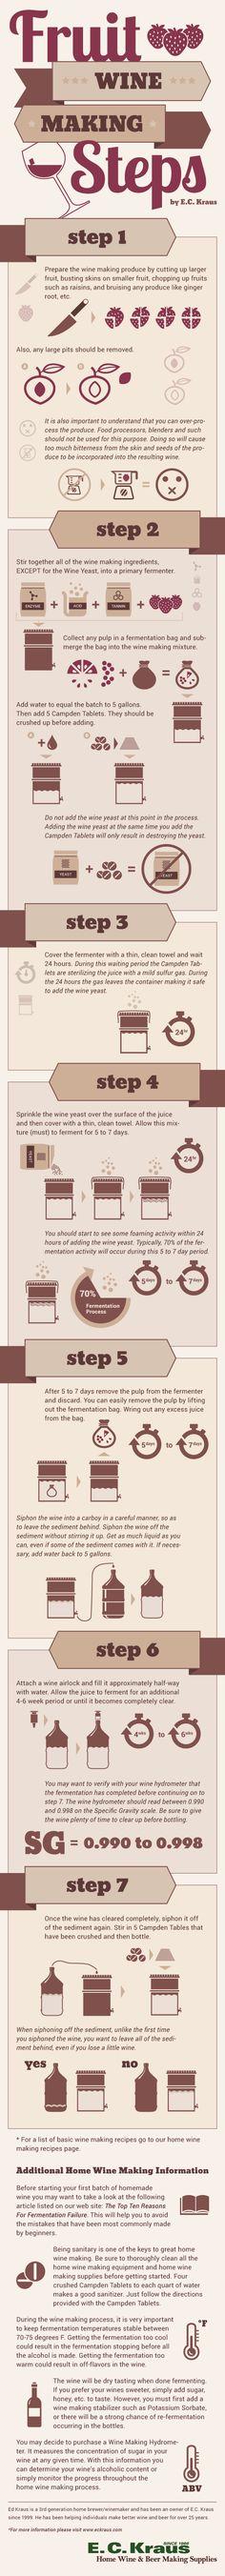 Cómo hacer vino en 7 sencillos pasos